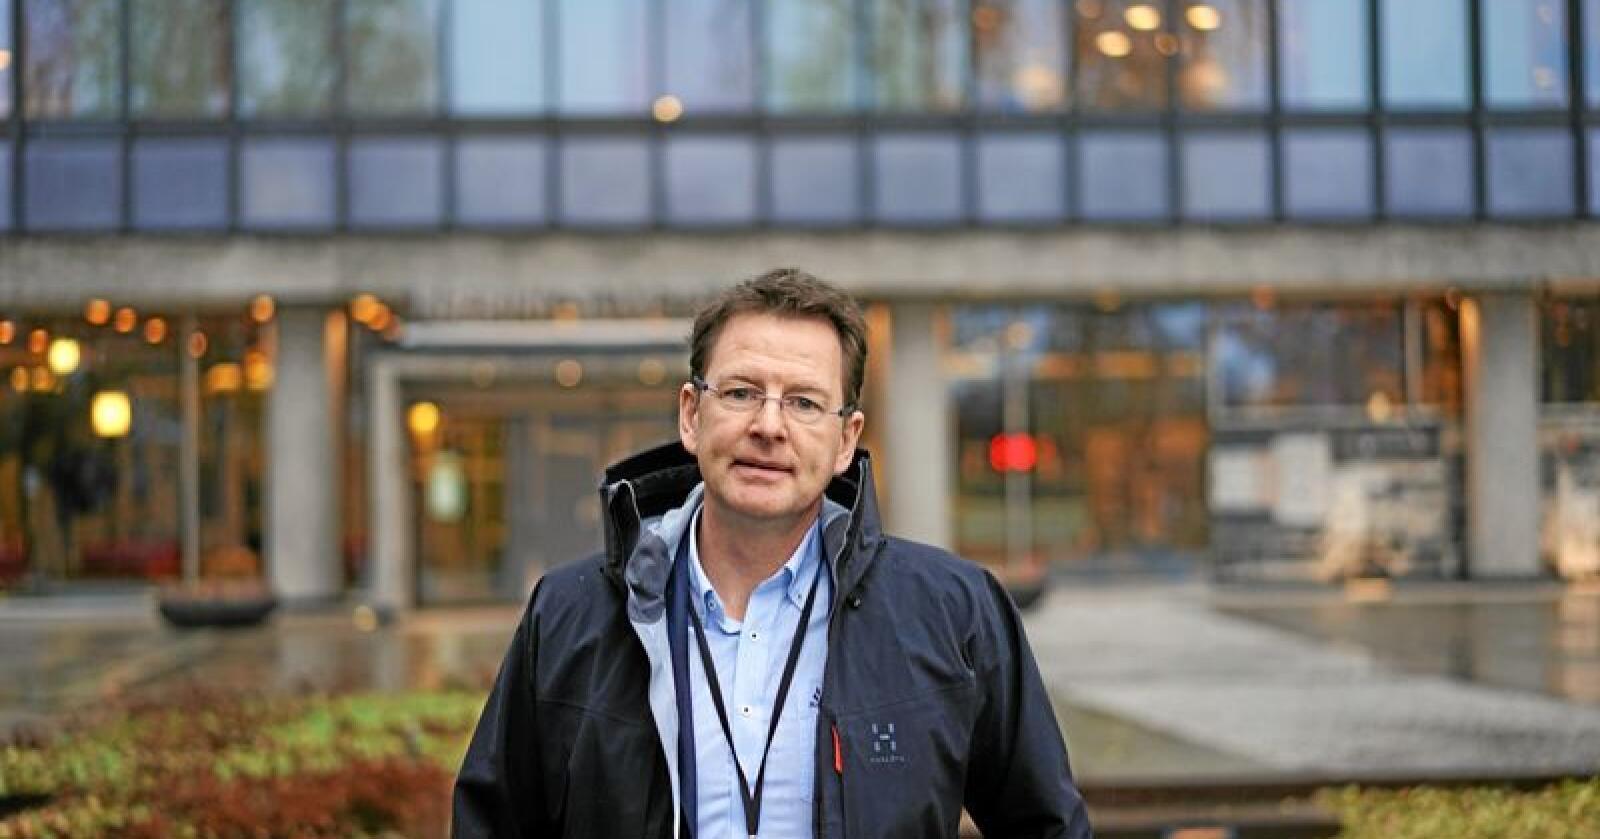 – Vi er helt avhengig av den ekstra delfinansieringa for å klare flytteprosessen, sier Gaute Lenvik, administrerende direktør i Veterinærinstituttet. Foto: Benjamin Hernes Vogl.